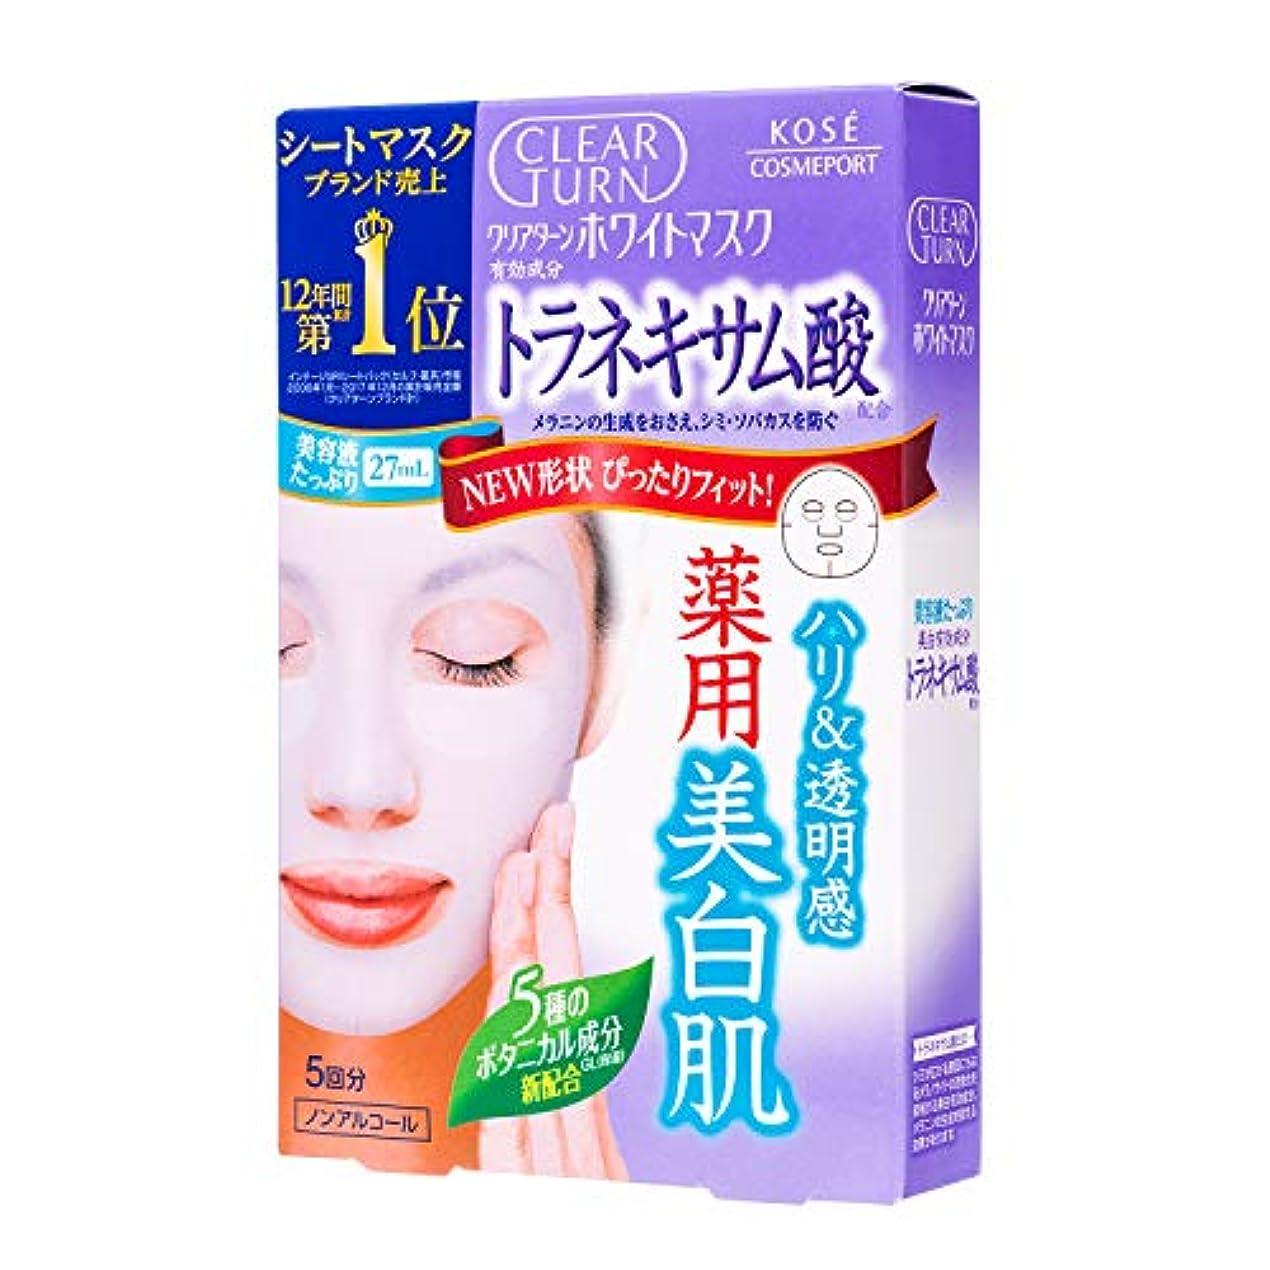 熟考するバンジージャンプリムKOSE クリアターン ホワイト マスク トラネキサム酸 5回分 22mL×5 【医薬部外品】